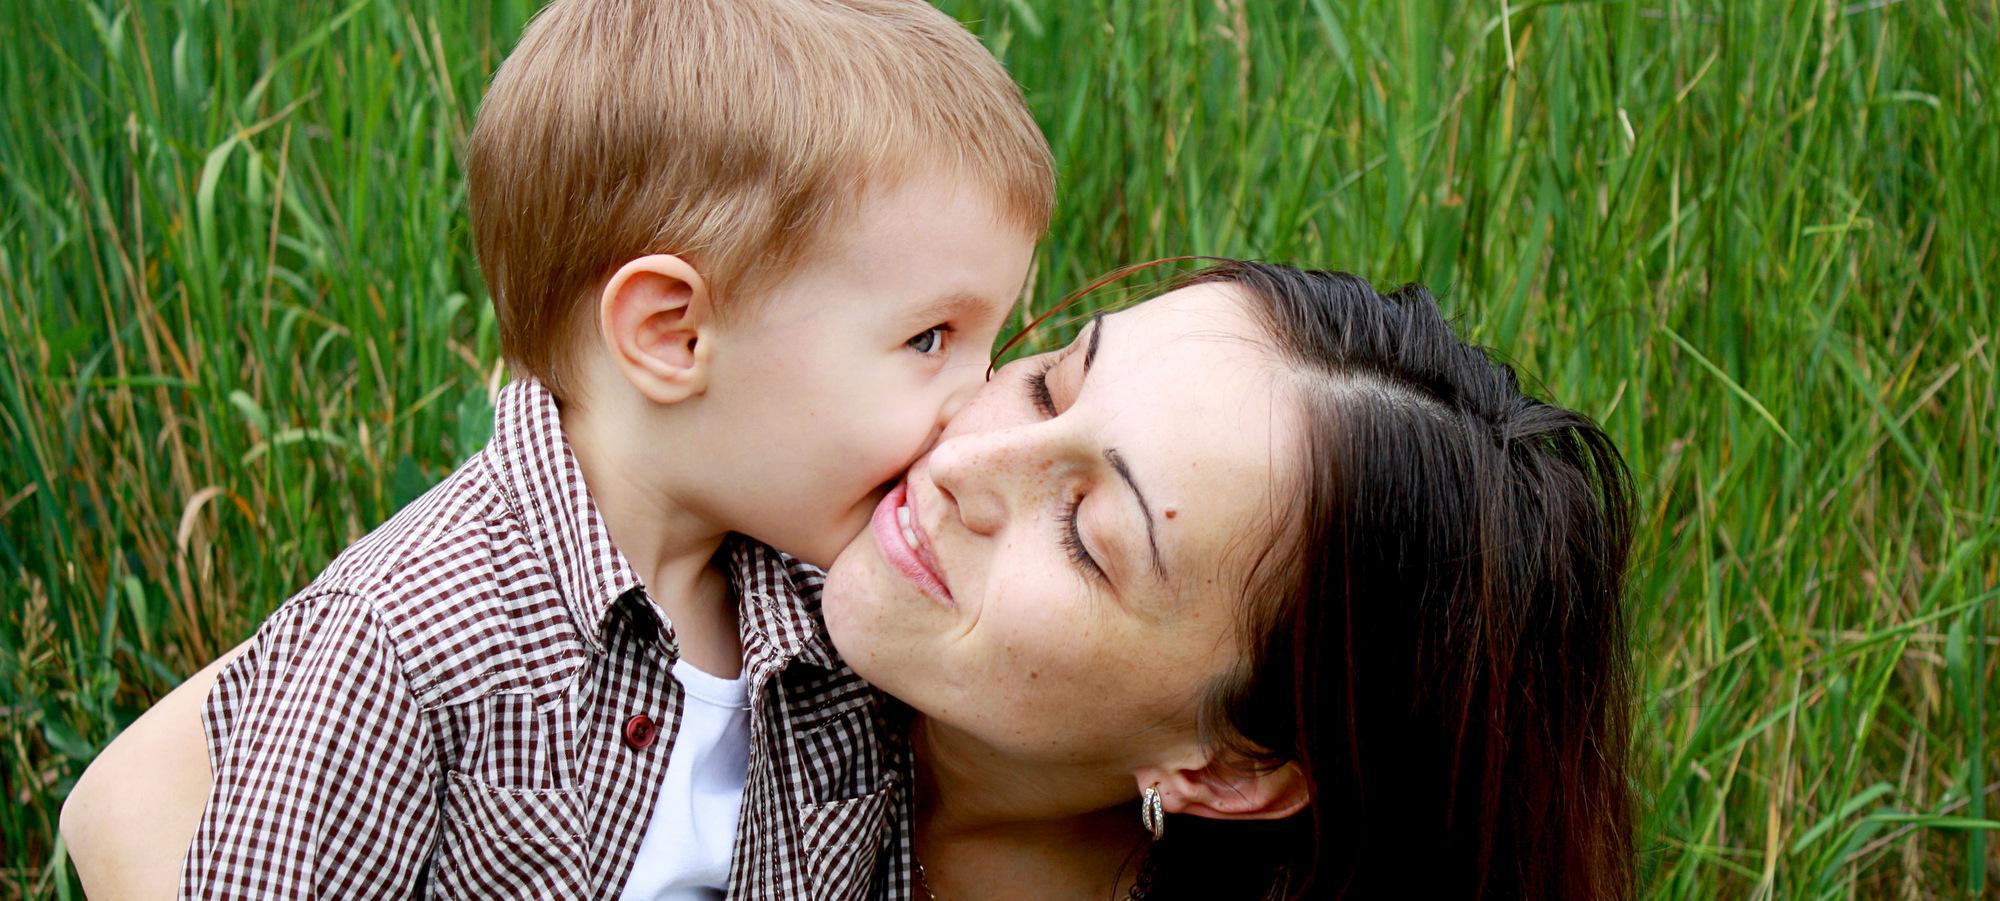 estimular-criancas-deficiencia-auditiva